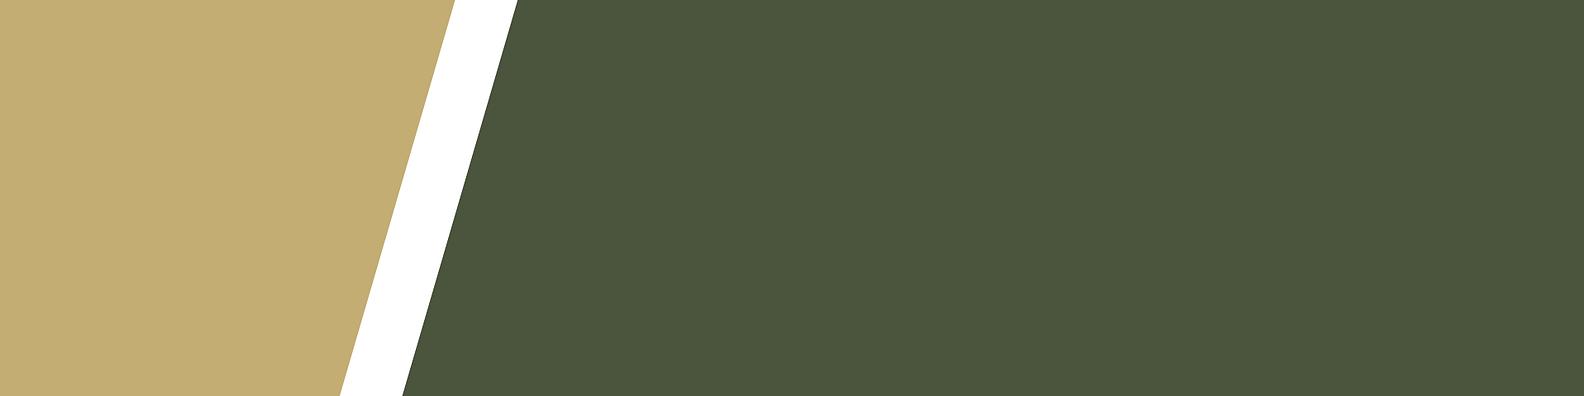 CF77250A-016D-47C5-8511-D1FB777F61A9.png